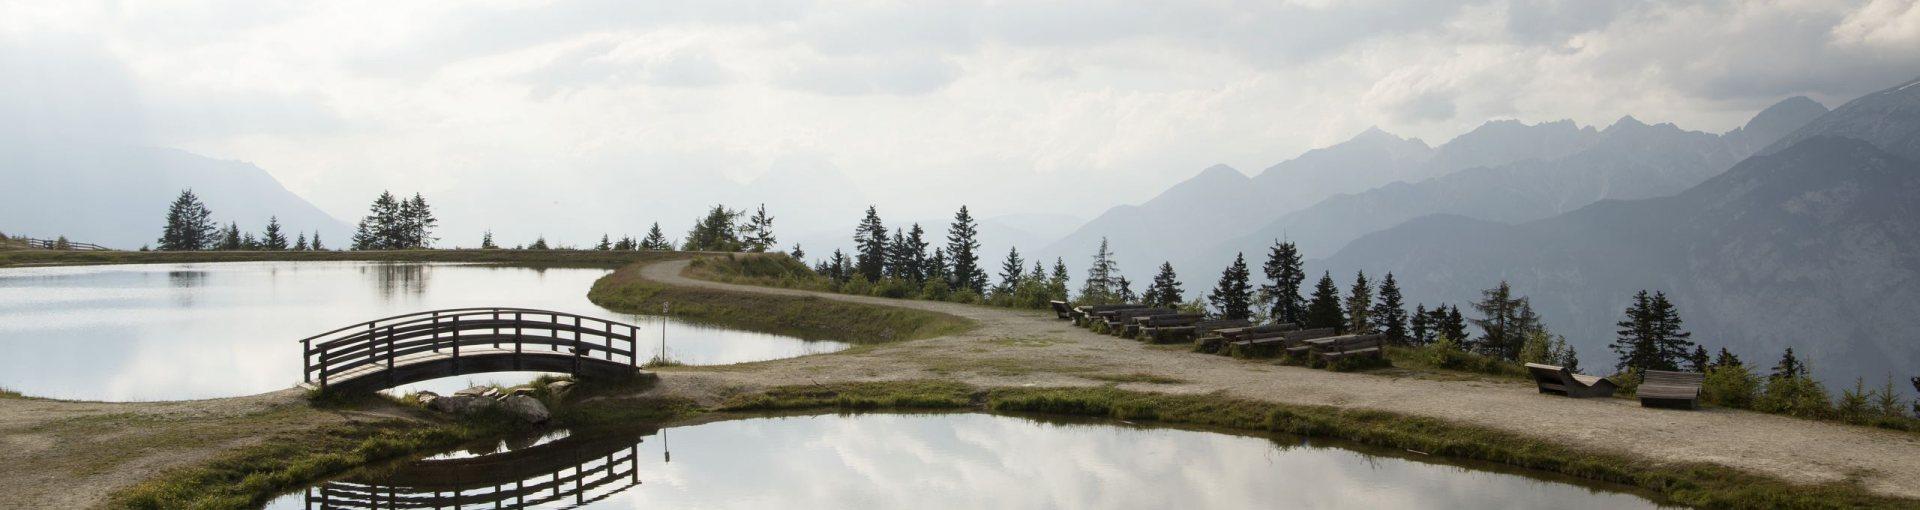 Mutterer Alm © Tirol Werbung